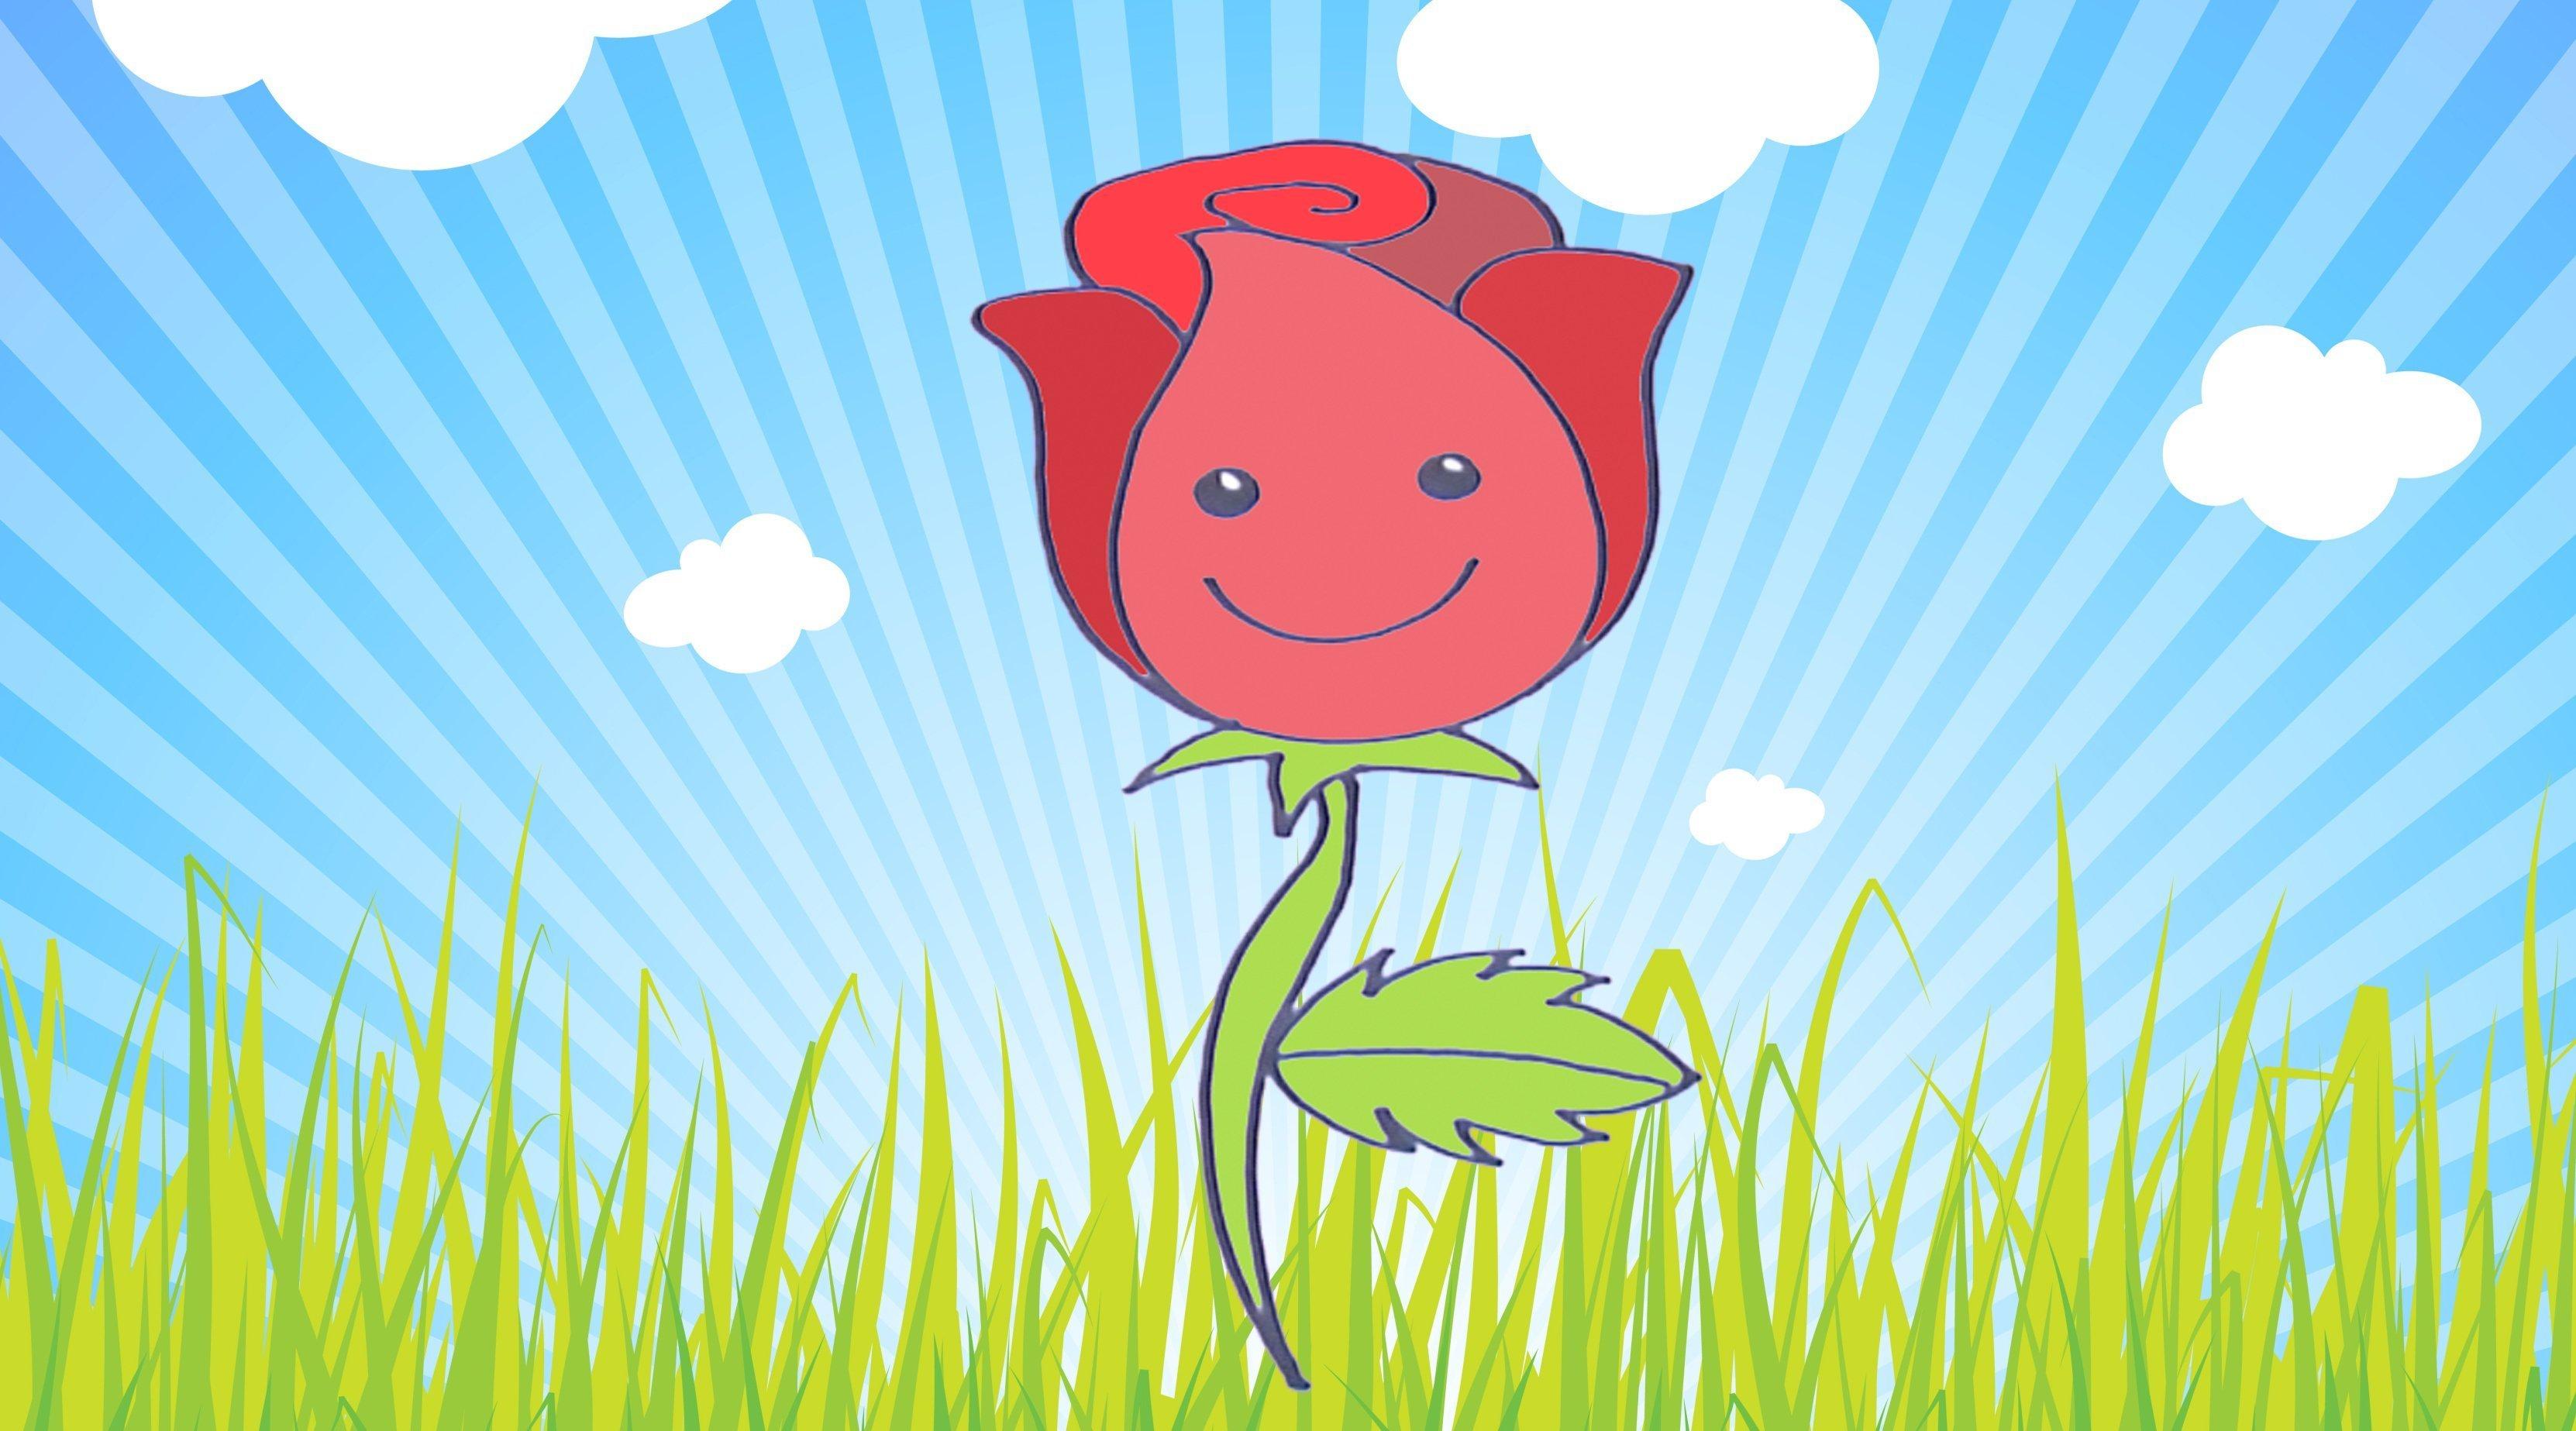 C mo dibujar una rosa dibujos infantiles de flores - Dibujos infantiles de bebes ...